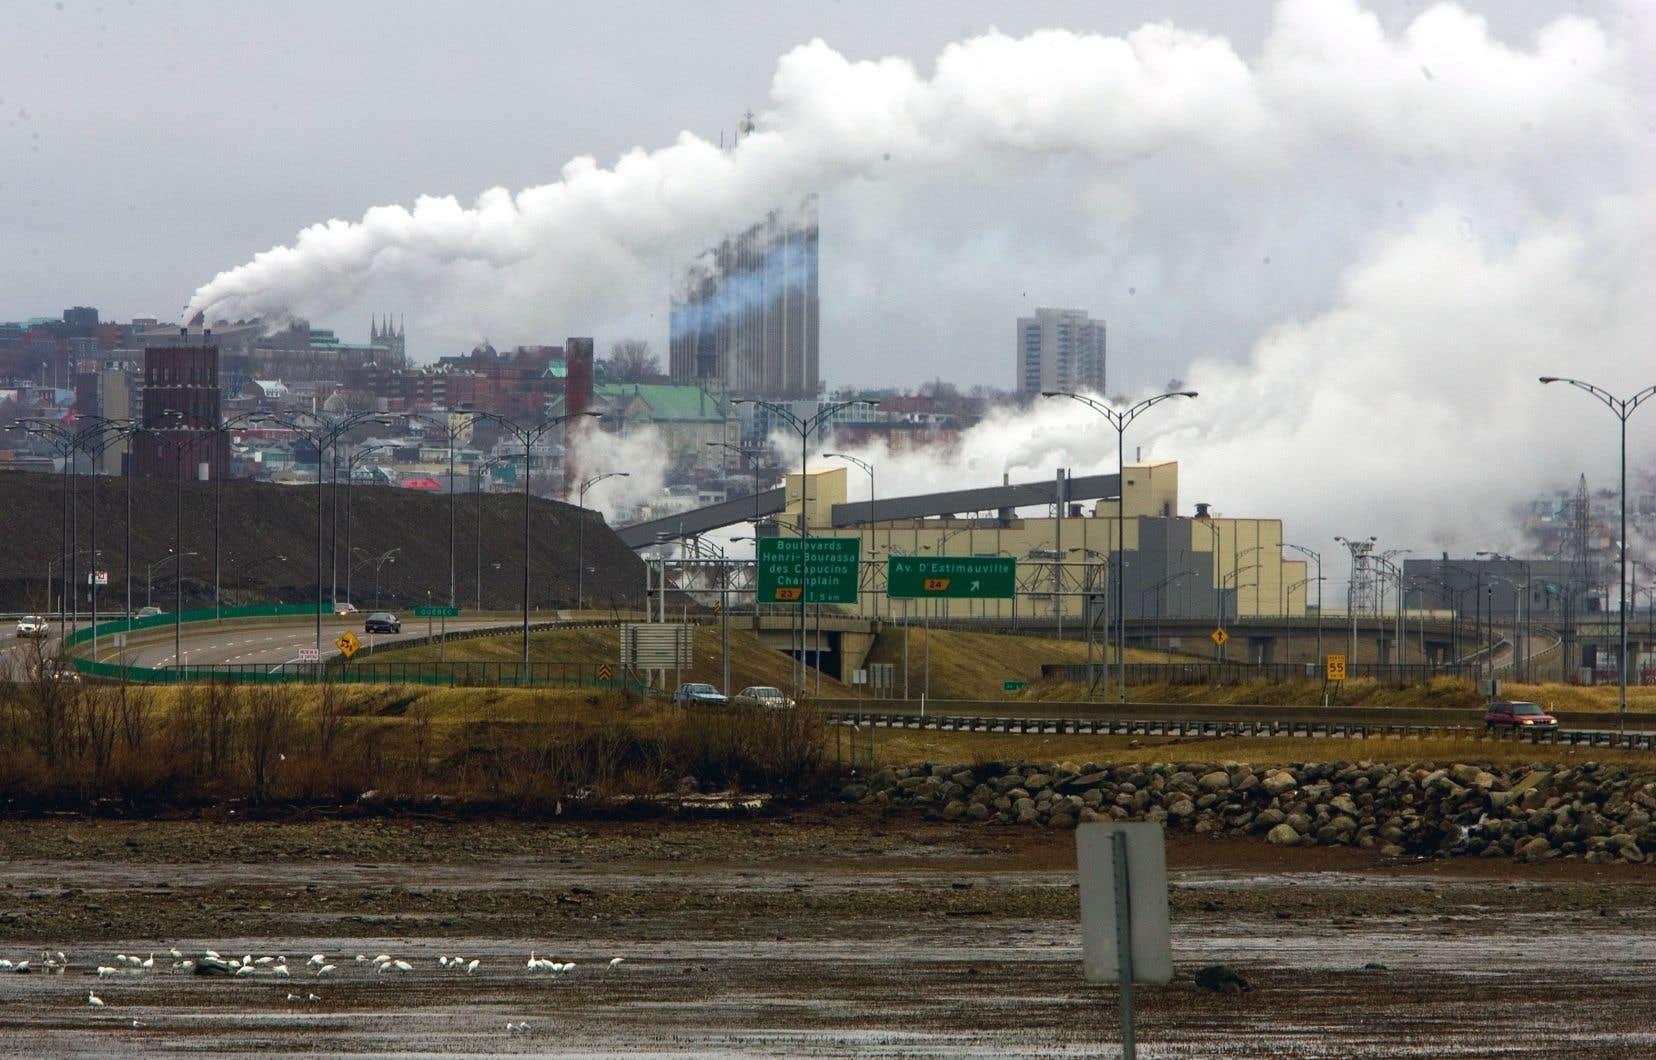 Selon François Delorme, chargé de cours en économie à l'Université de Sherbrooke, «ce serait irresponsable de ne pas profiter de cette occasion pour investir davantage dans une relance verte».